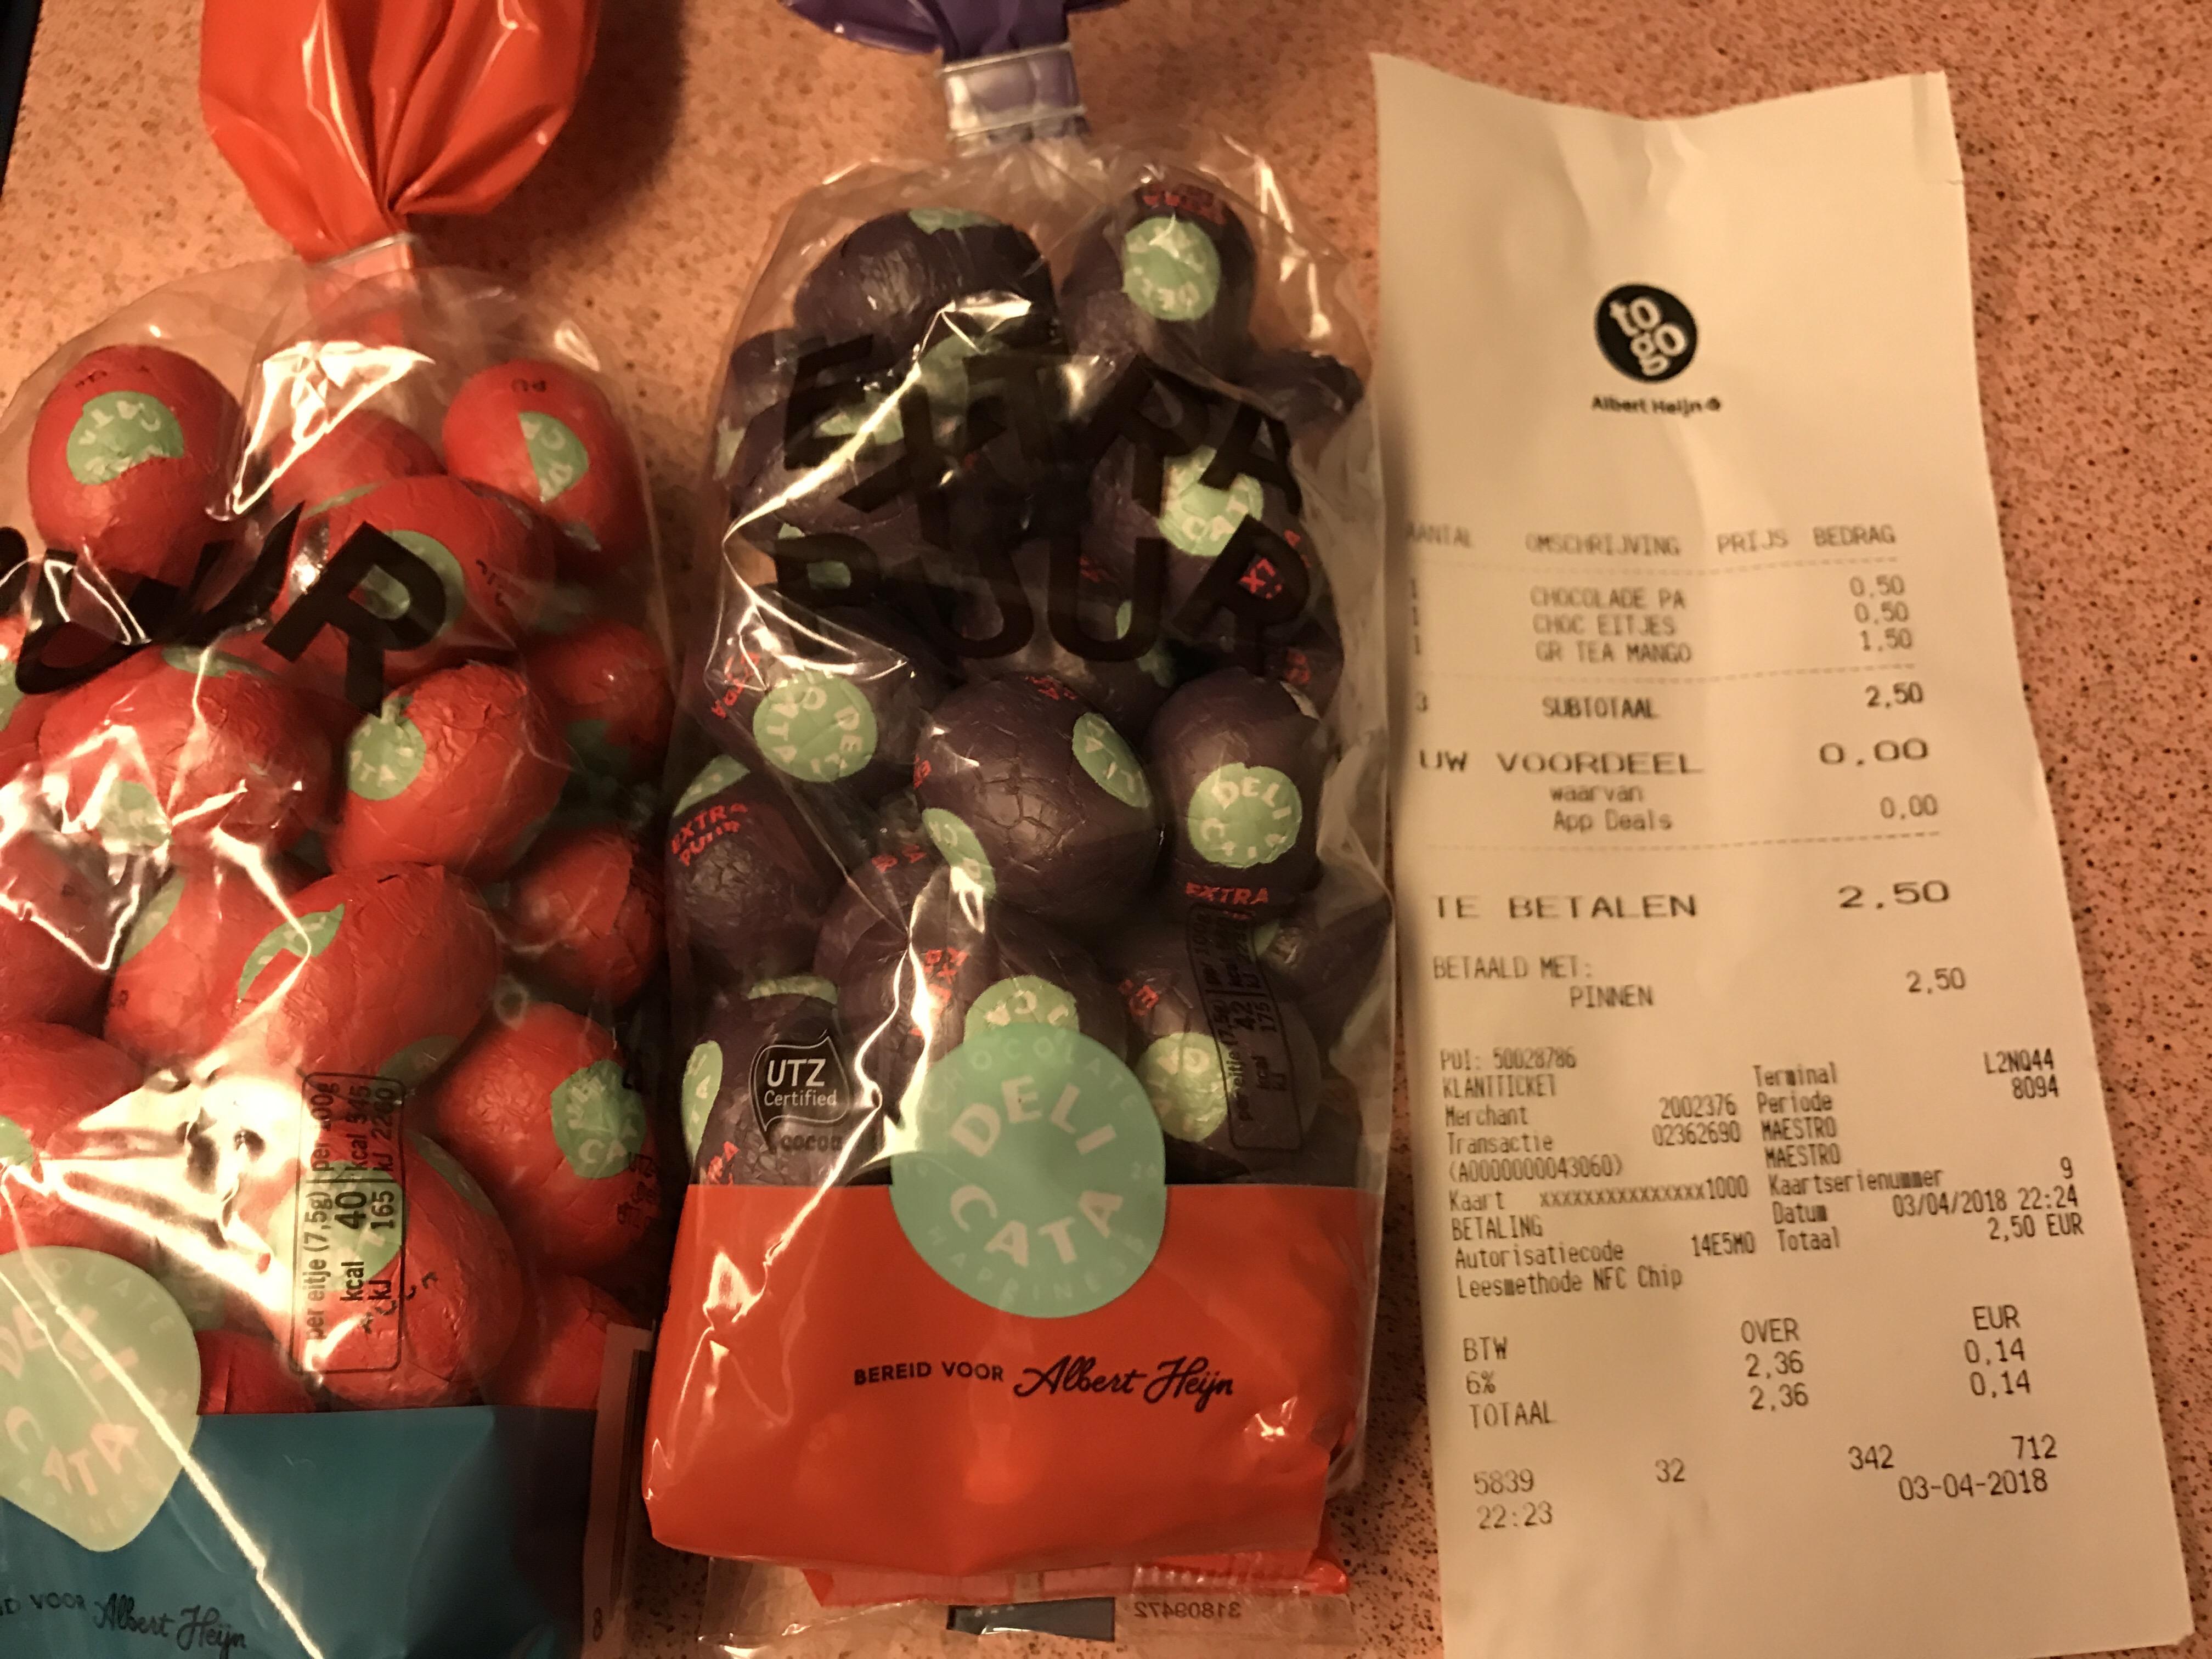 Delicata paaseitjes 2 zakjes van €5,18 voor €1! @ AH to go leiden centraal